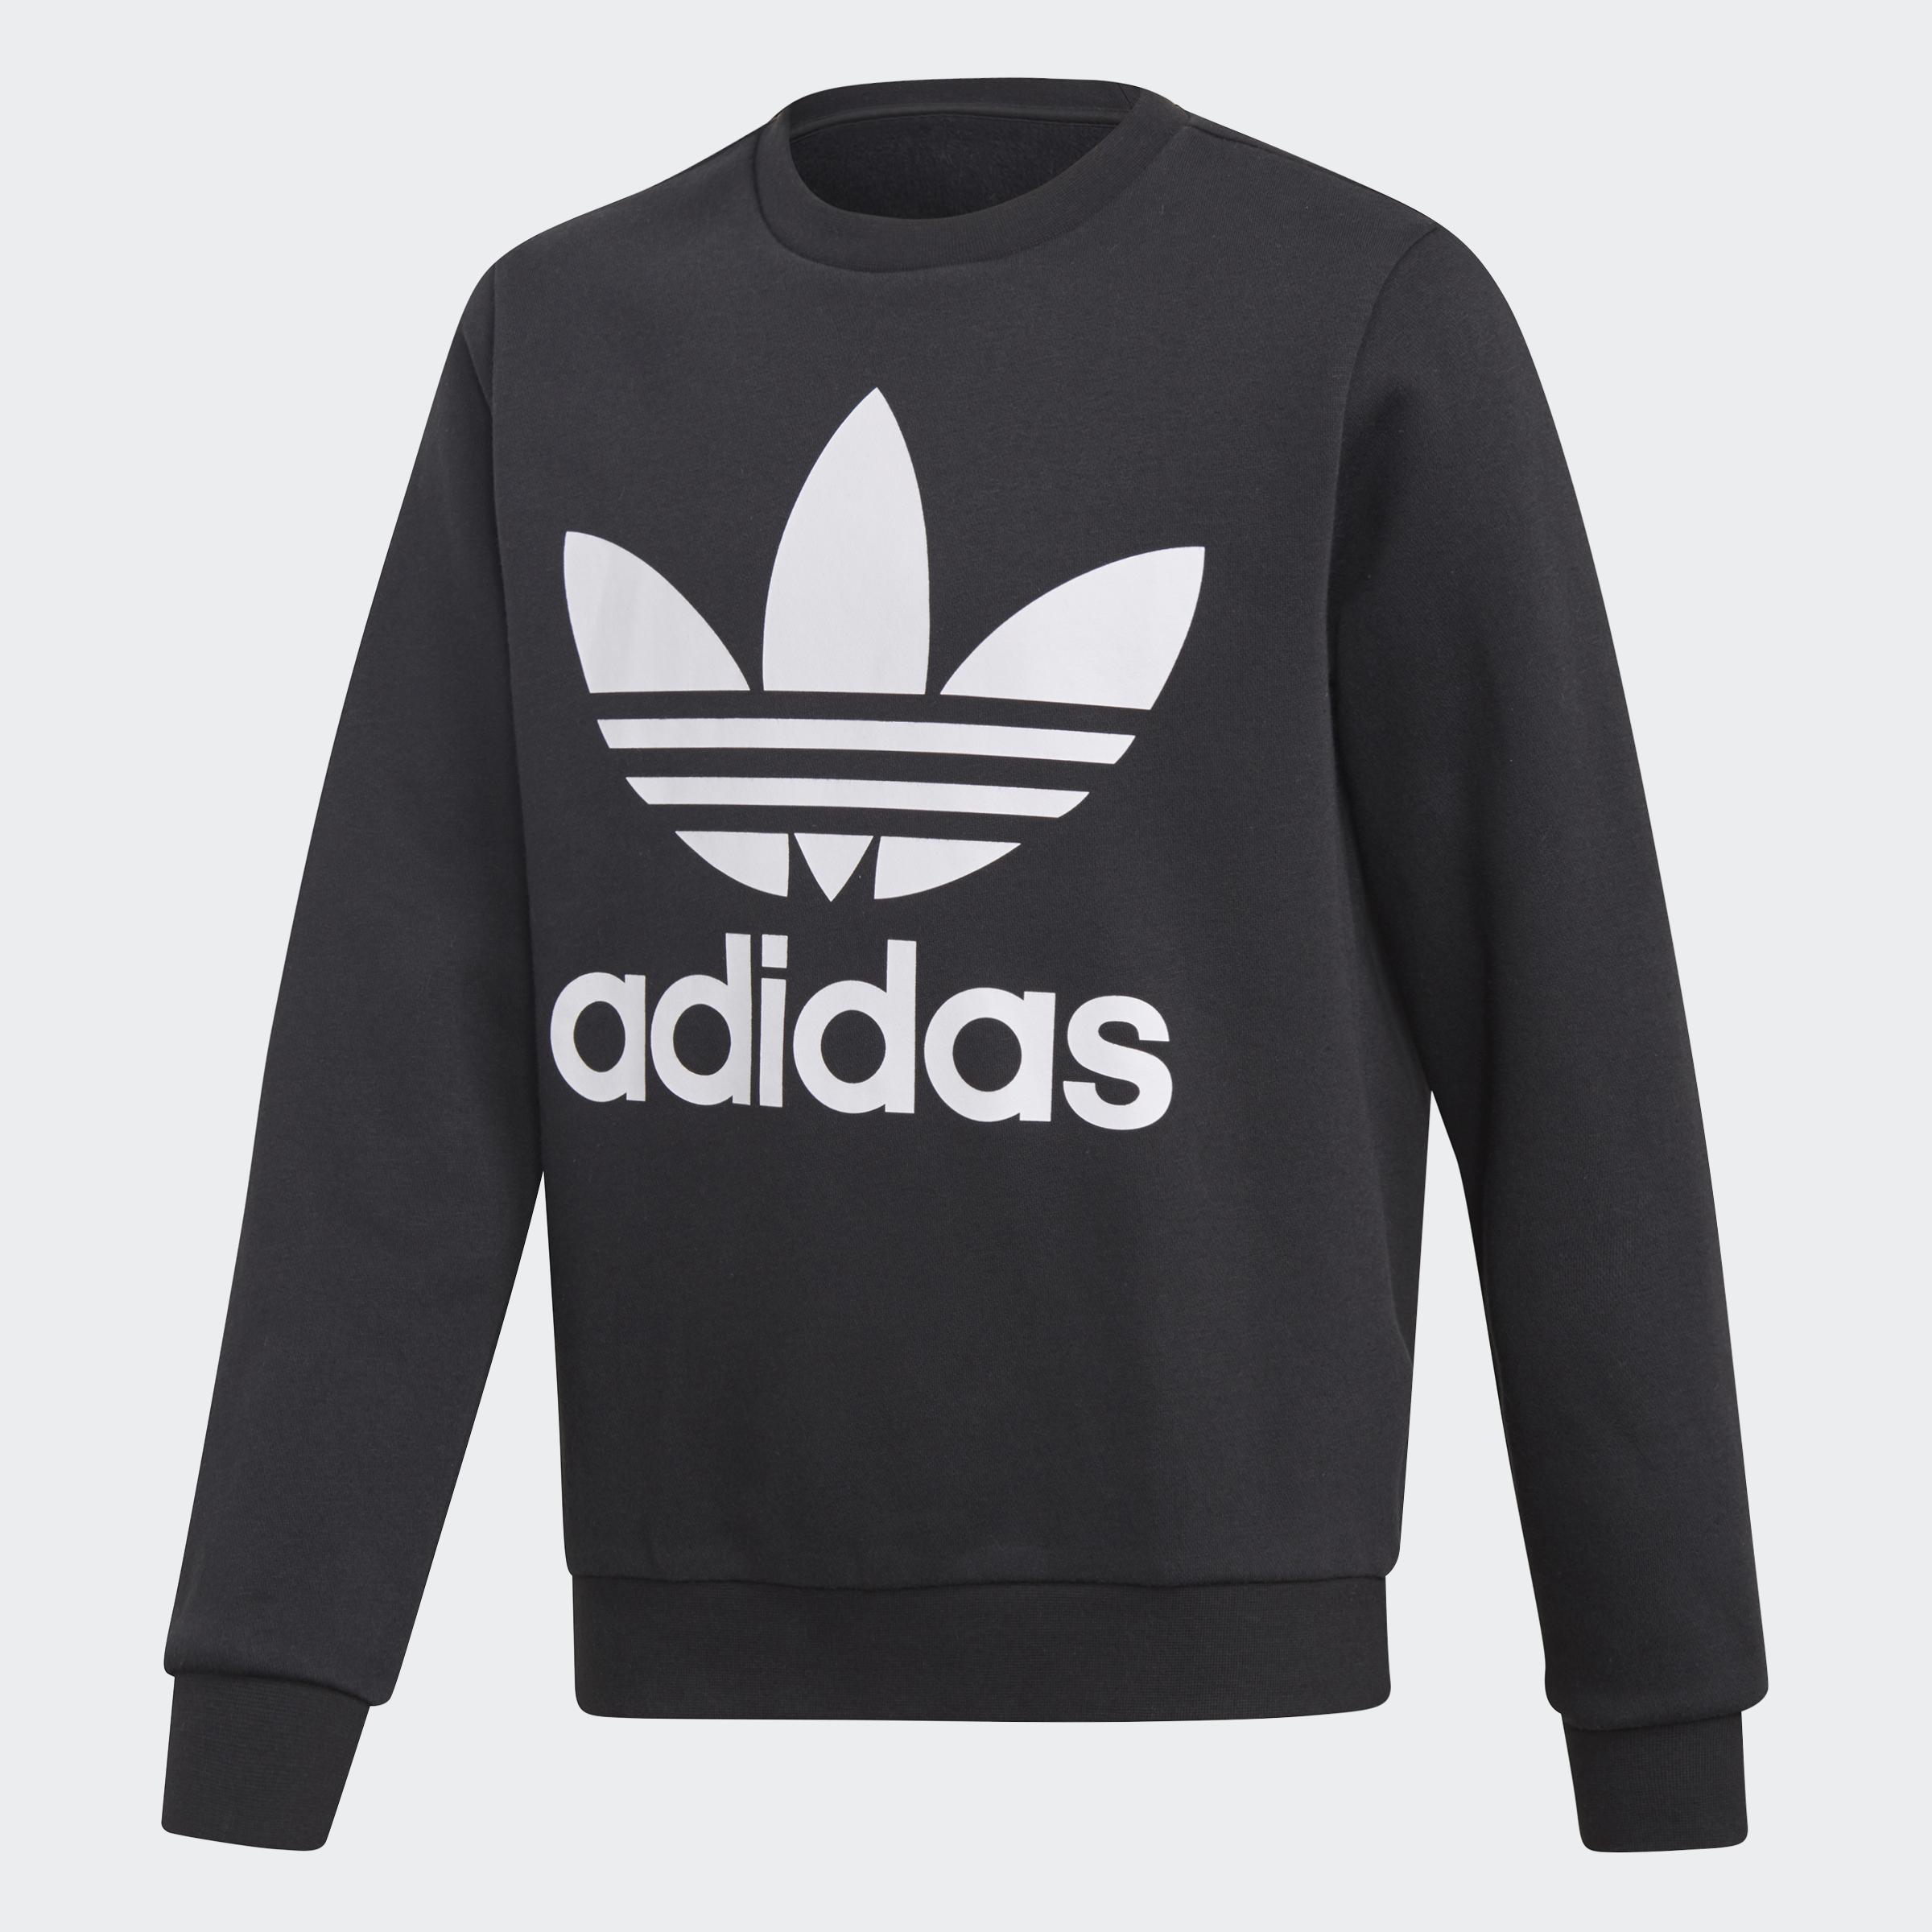 Details about adidas Originals Fleece Crew Sweatshirt Kids'